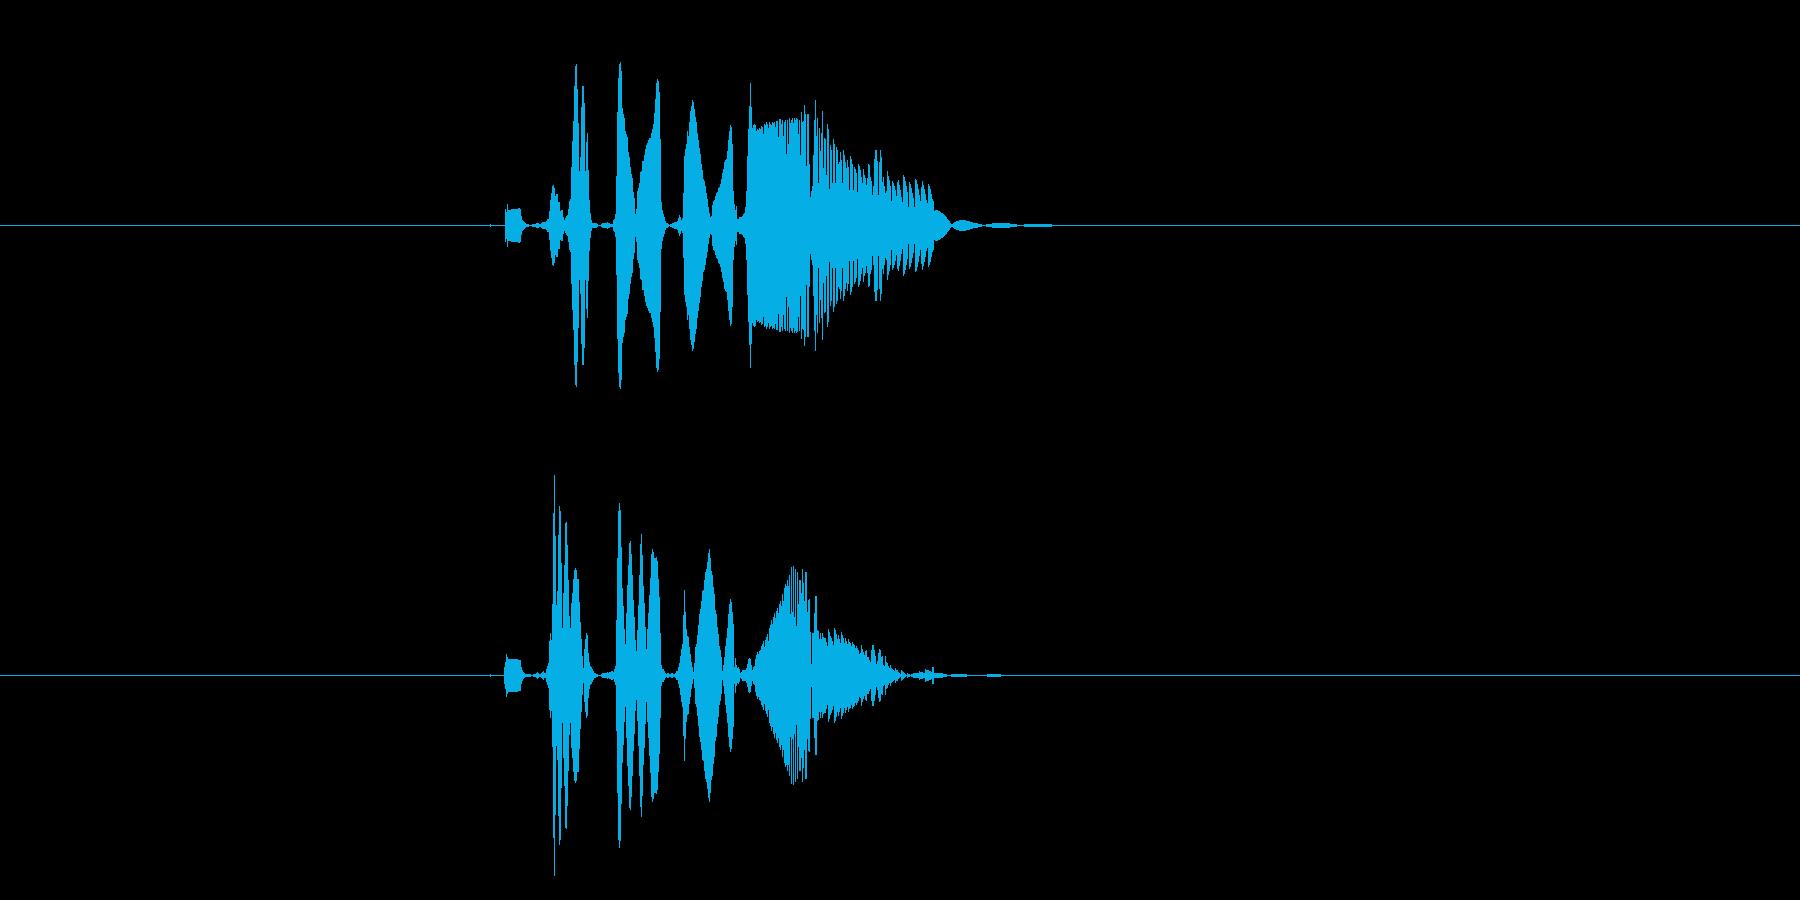 ピヒューンと聞こえる効果音の再生済みの波形